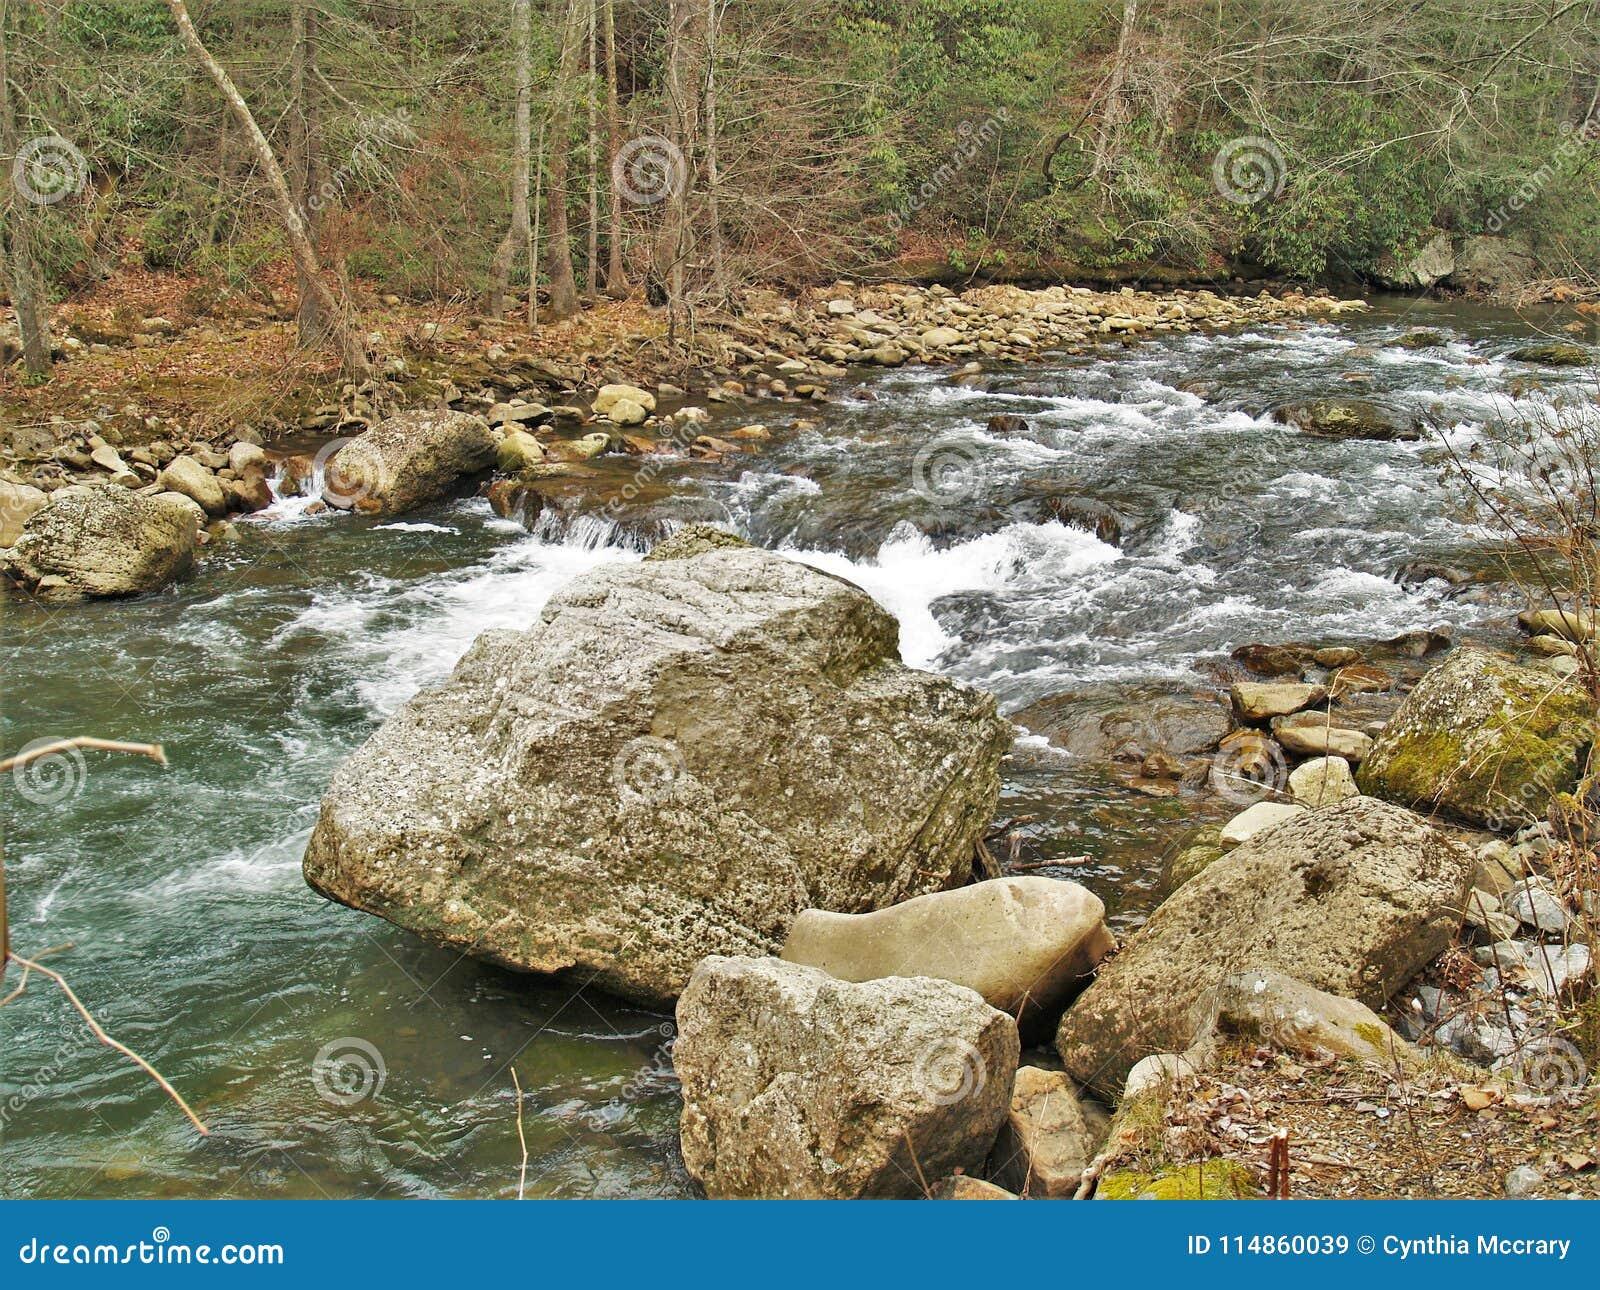 Beaverdam Creek At Backbone Rock Stock Image - Image of boulders